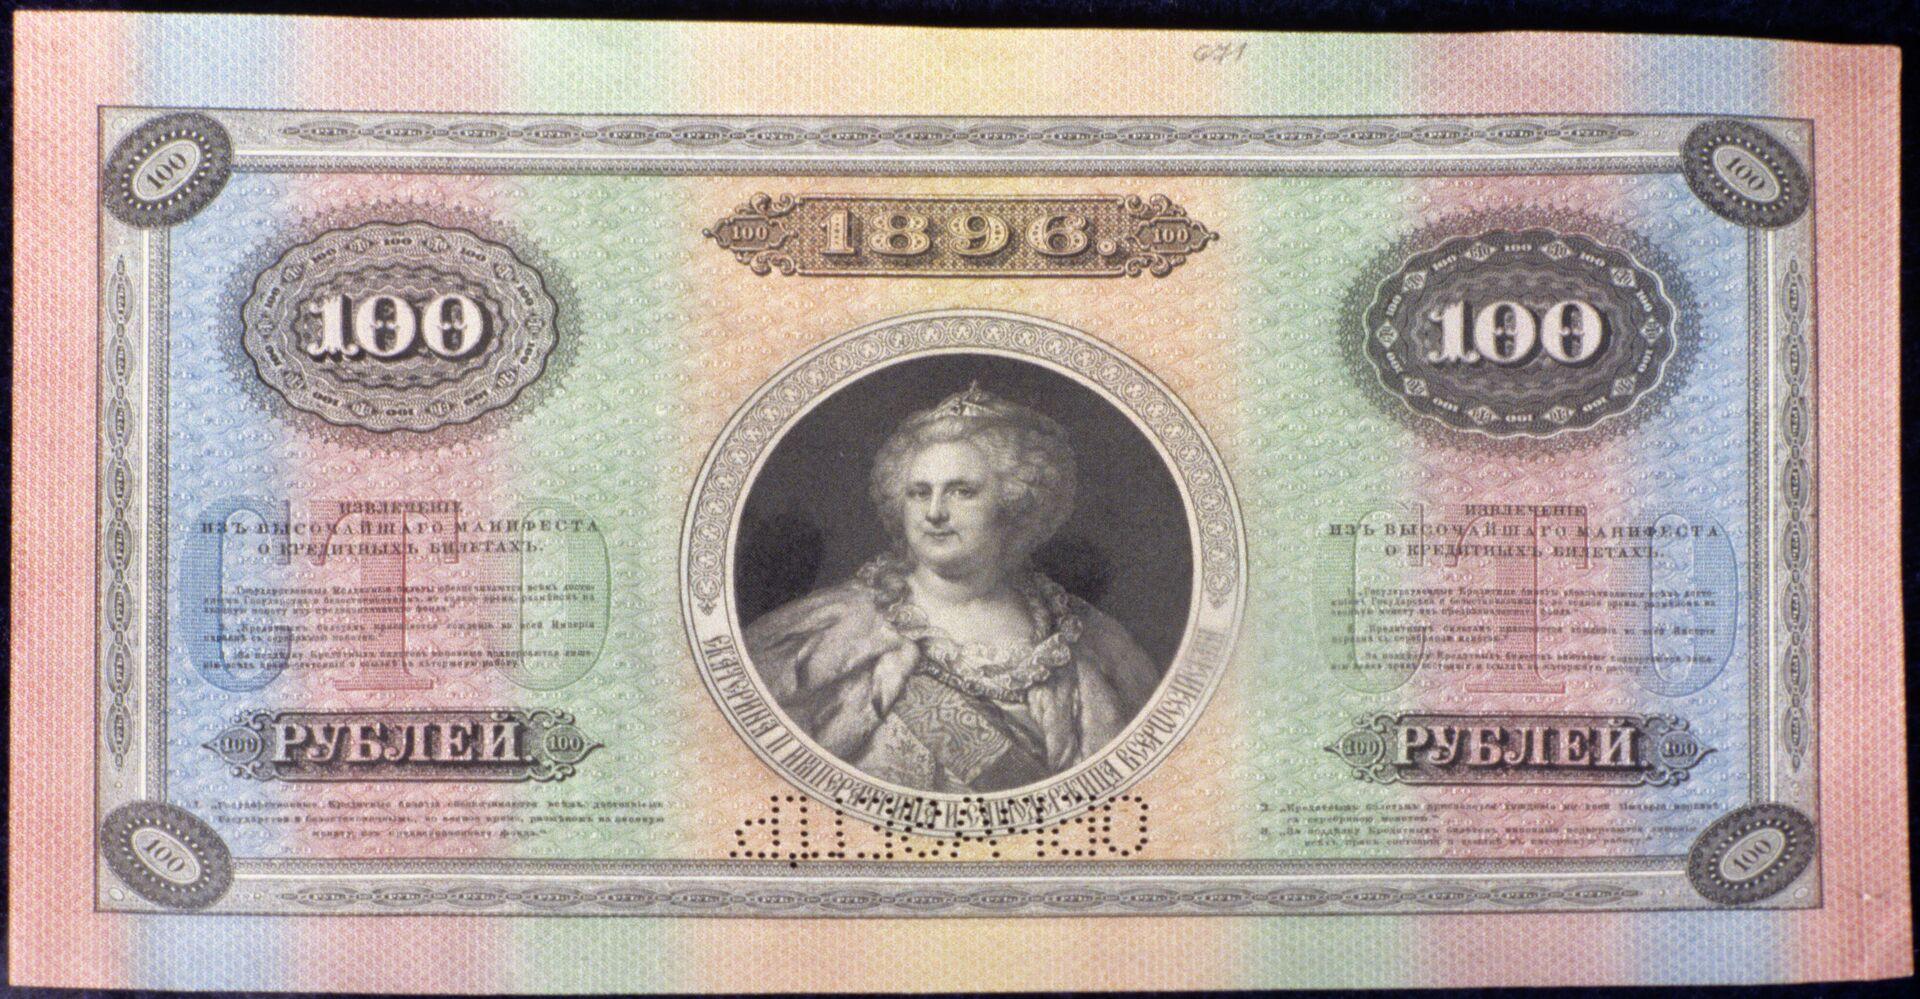 Государственный кредитный билет 1896 г. с портретом Екатерины II - РИА Новости, 1920, 16.05.2021